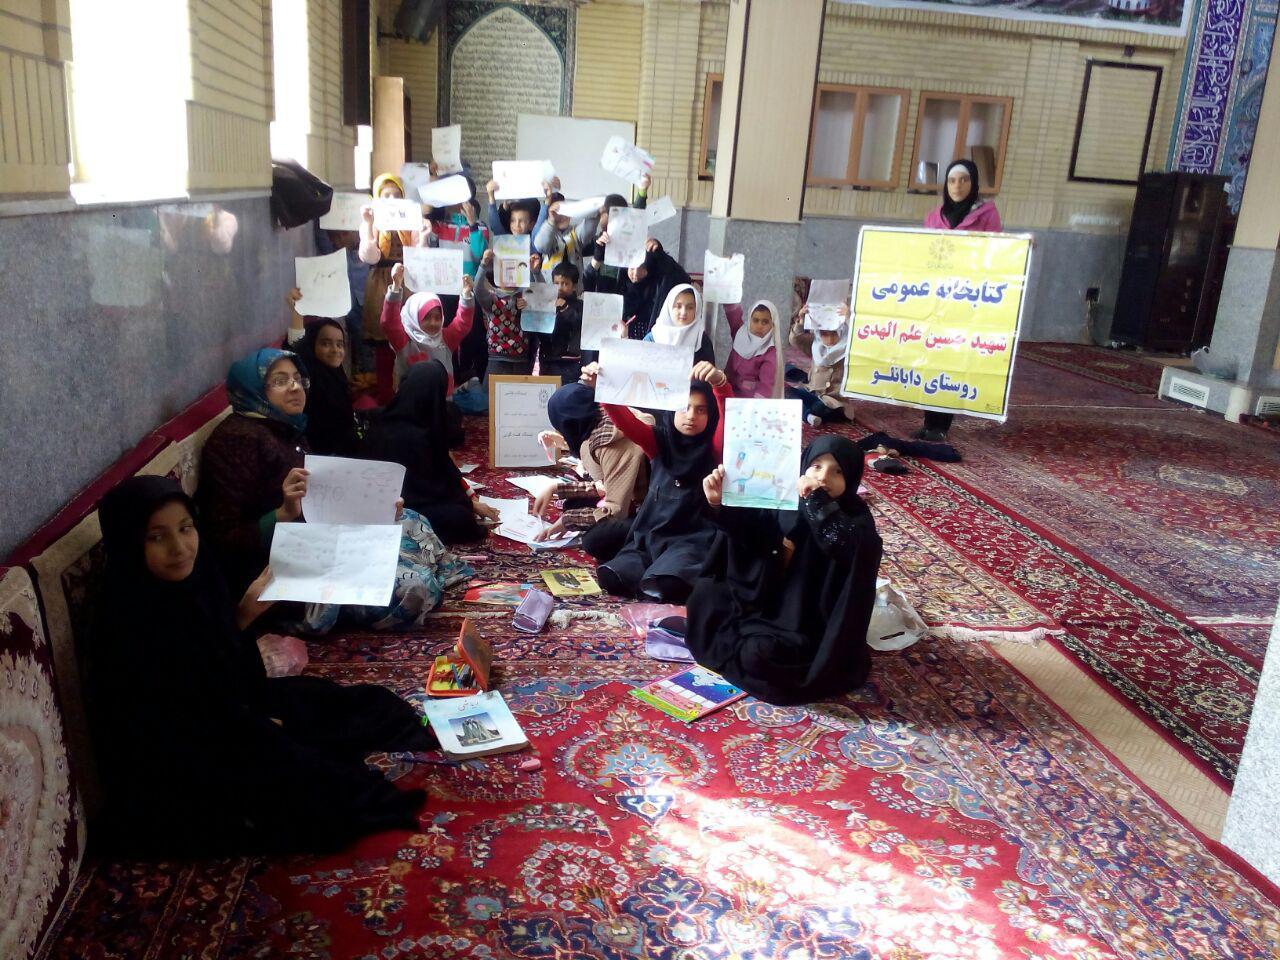 ایستگاه نقاشی در کتابخانه های عمومی شهرستان خدابنده